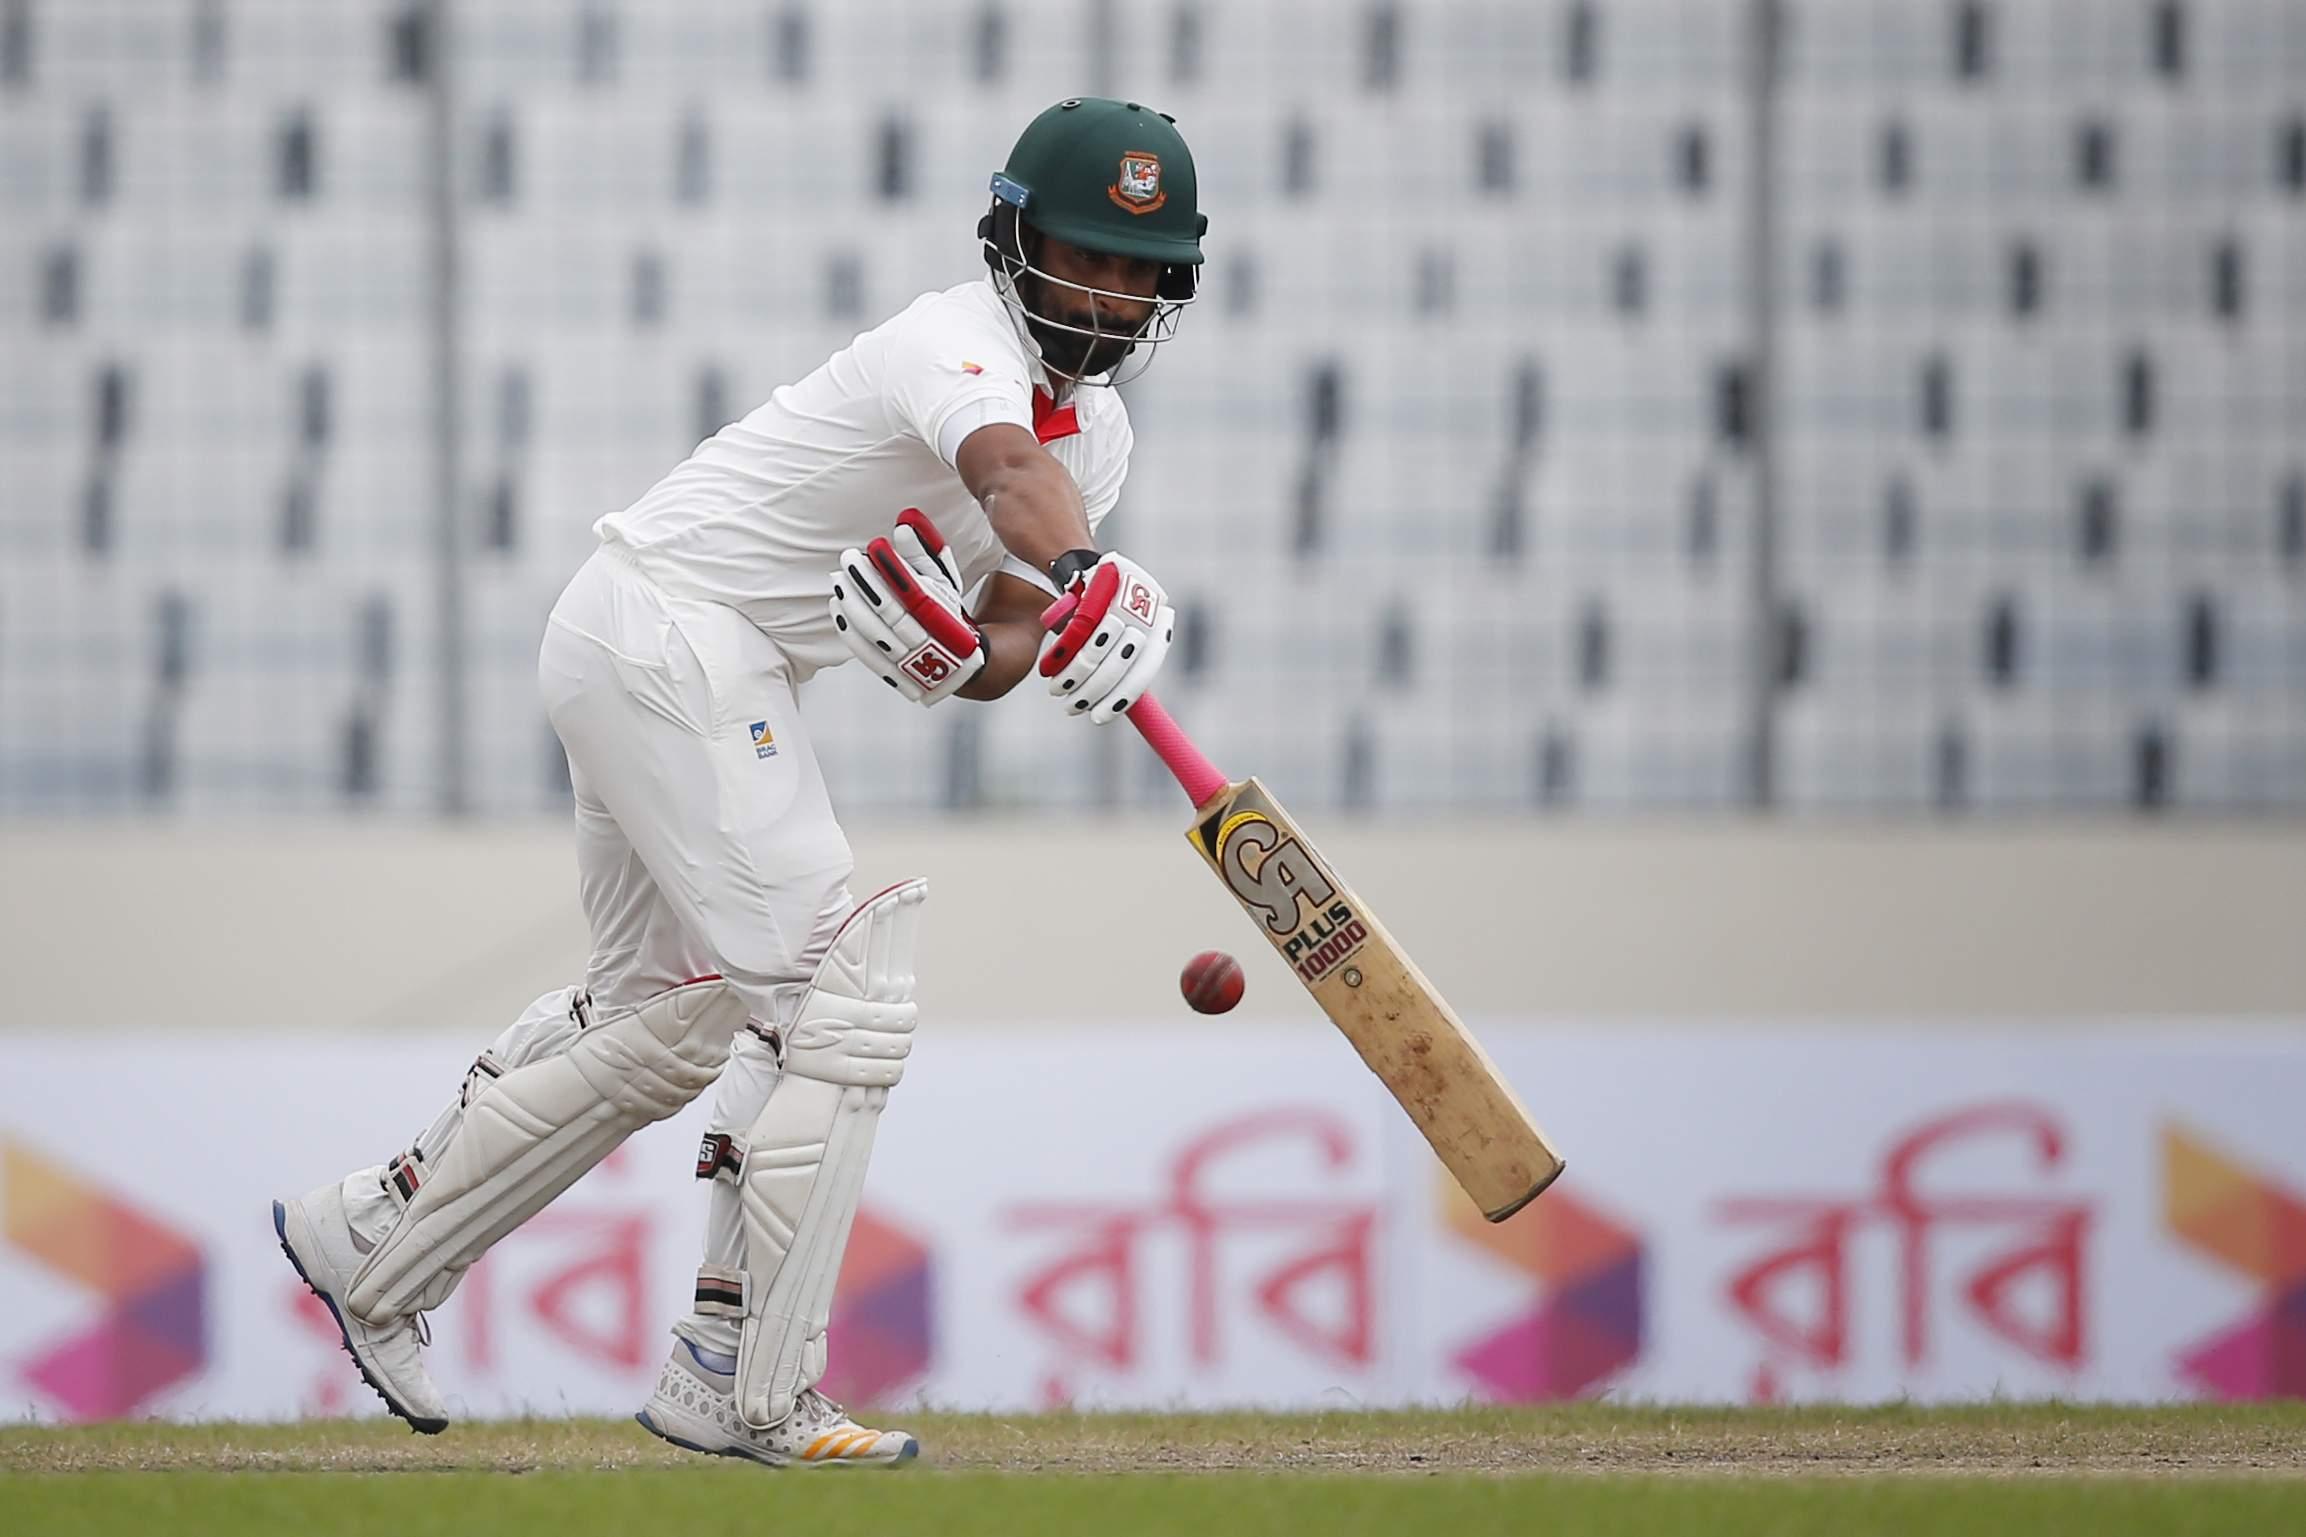 ऑस्ट्रेलिया के खिलाफ पहले टेस्ट मैच के बाद तमीम इकबाल पर लगा जुर्माना, जाने ऐसा क्या कर गया यह स्टार खिलाड़ी 4